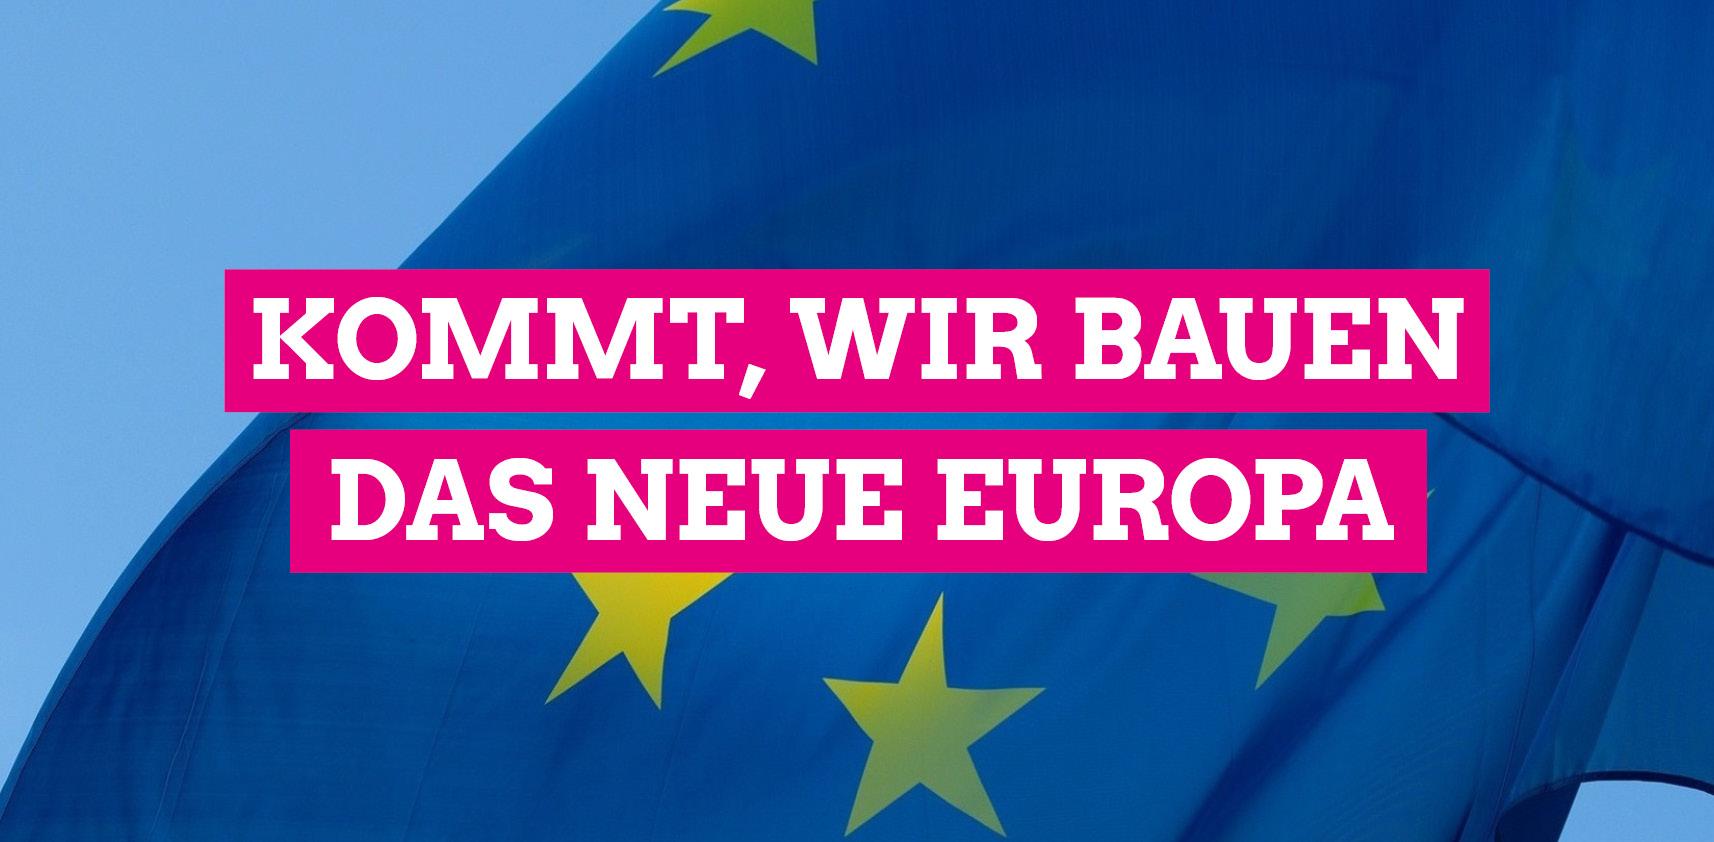 Kommt, wir bauen das neue Europa